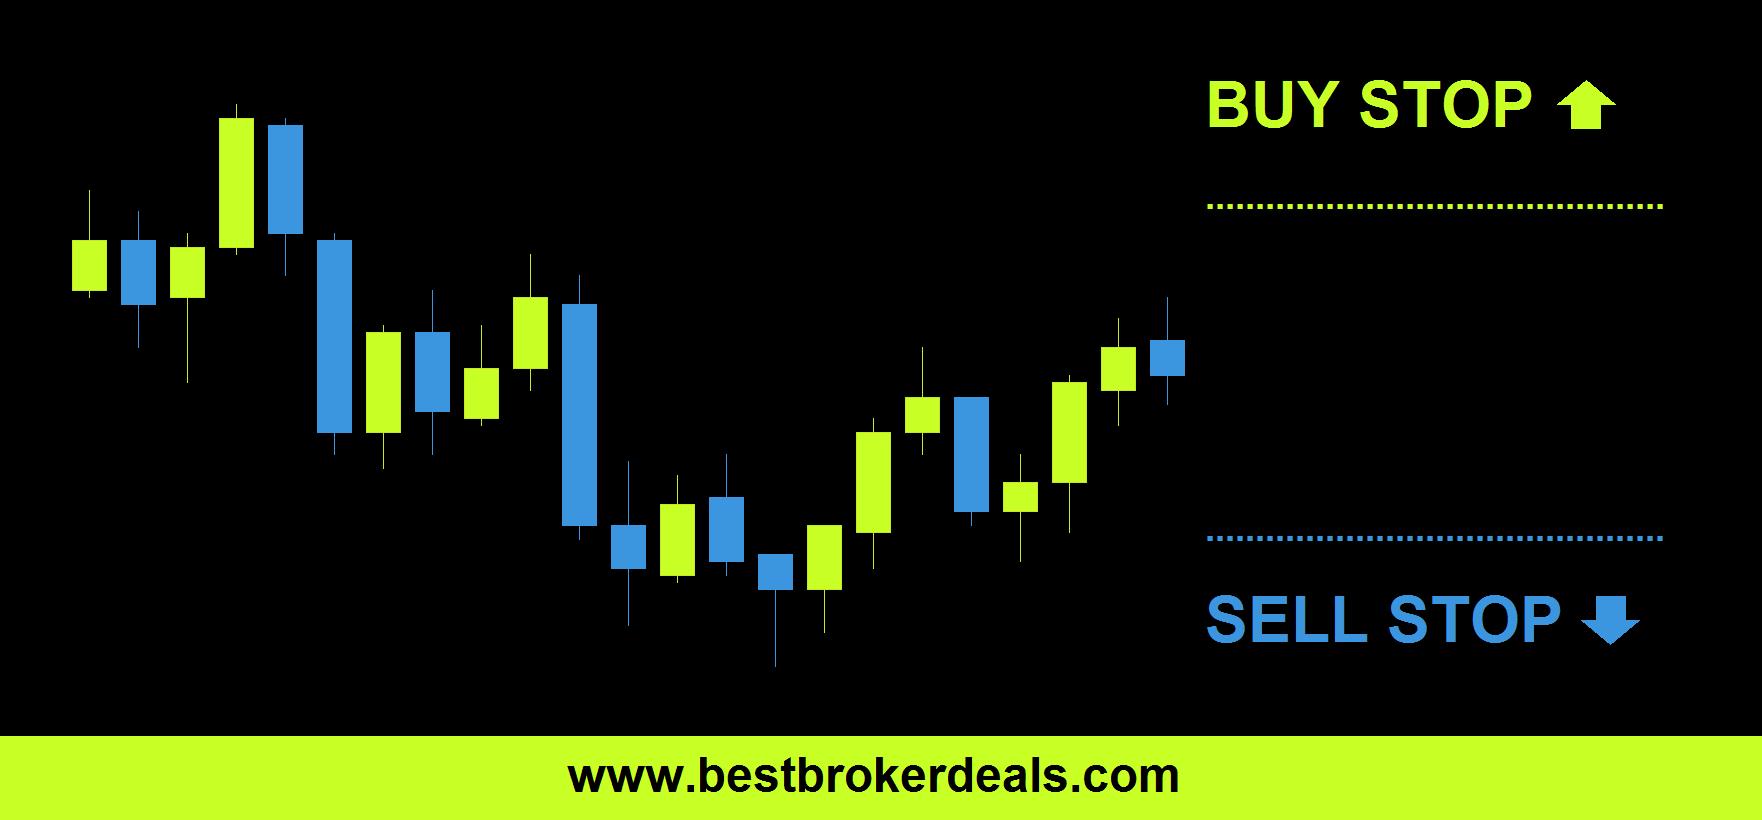 buy-stop-sell-stop-orders